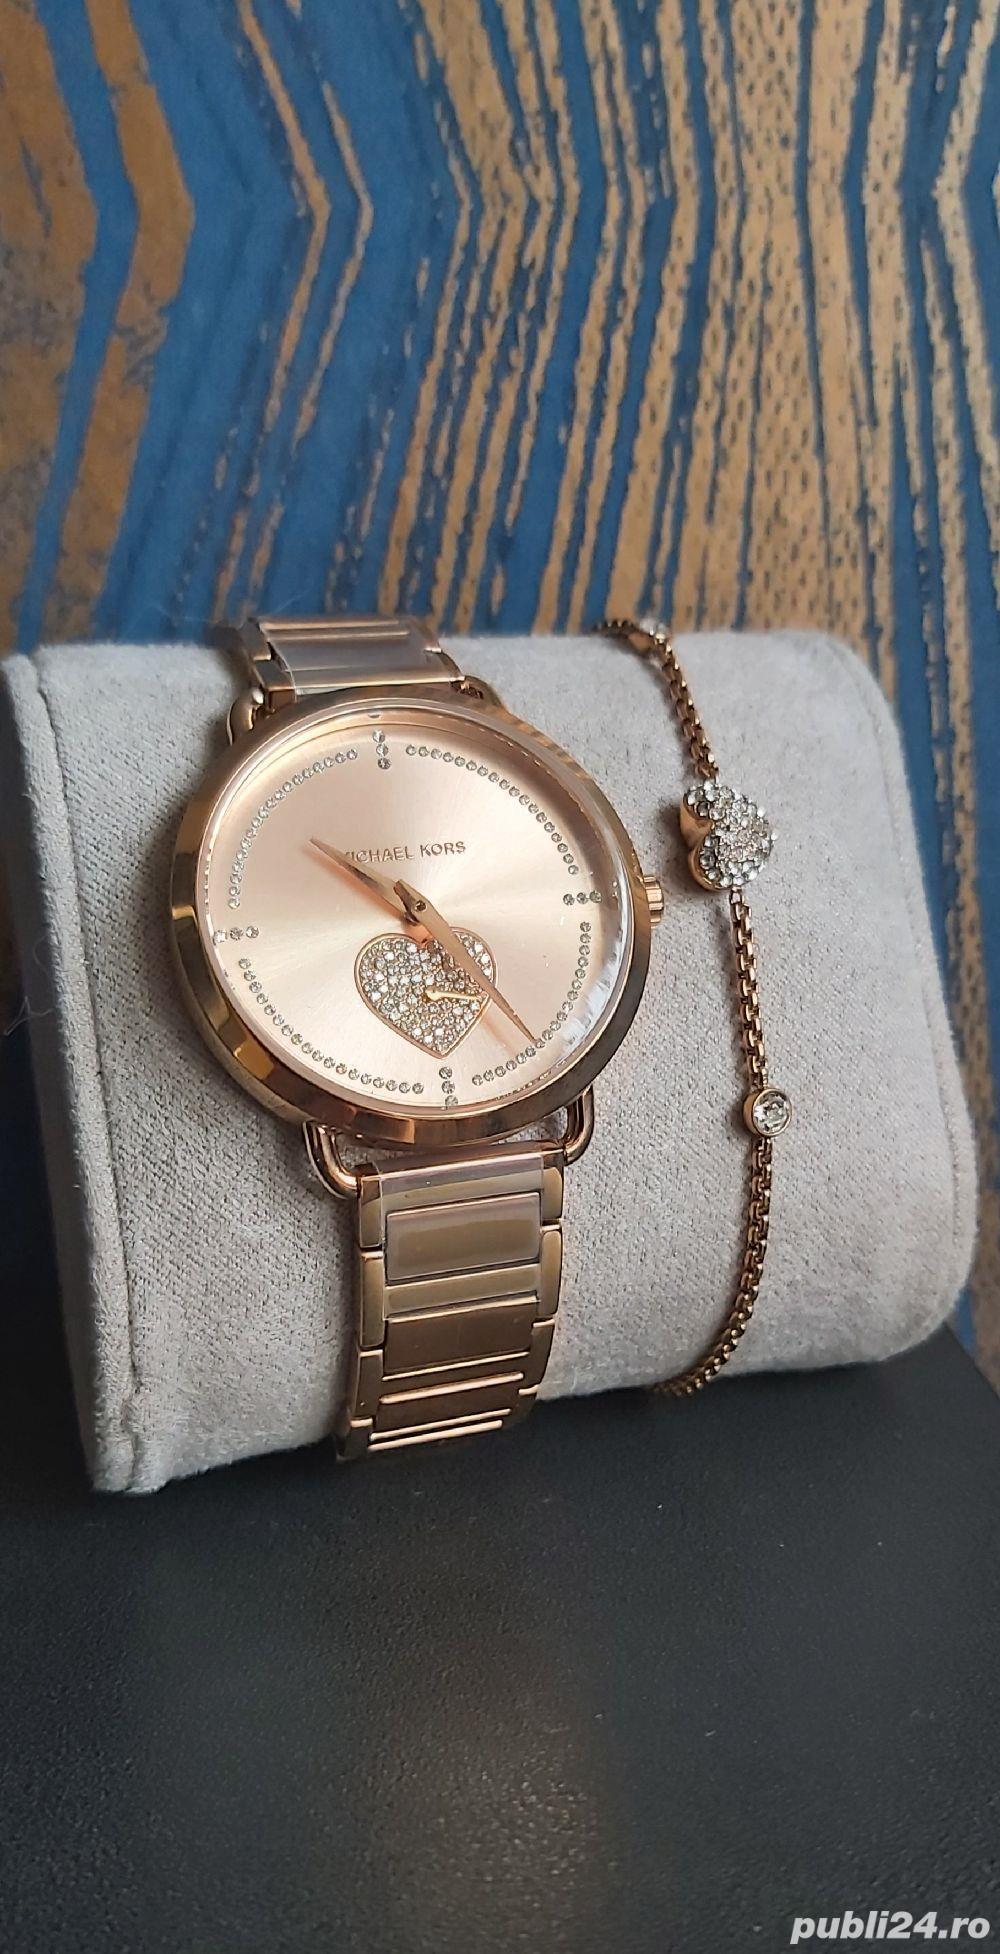 Ceas și brățară Michael Kors